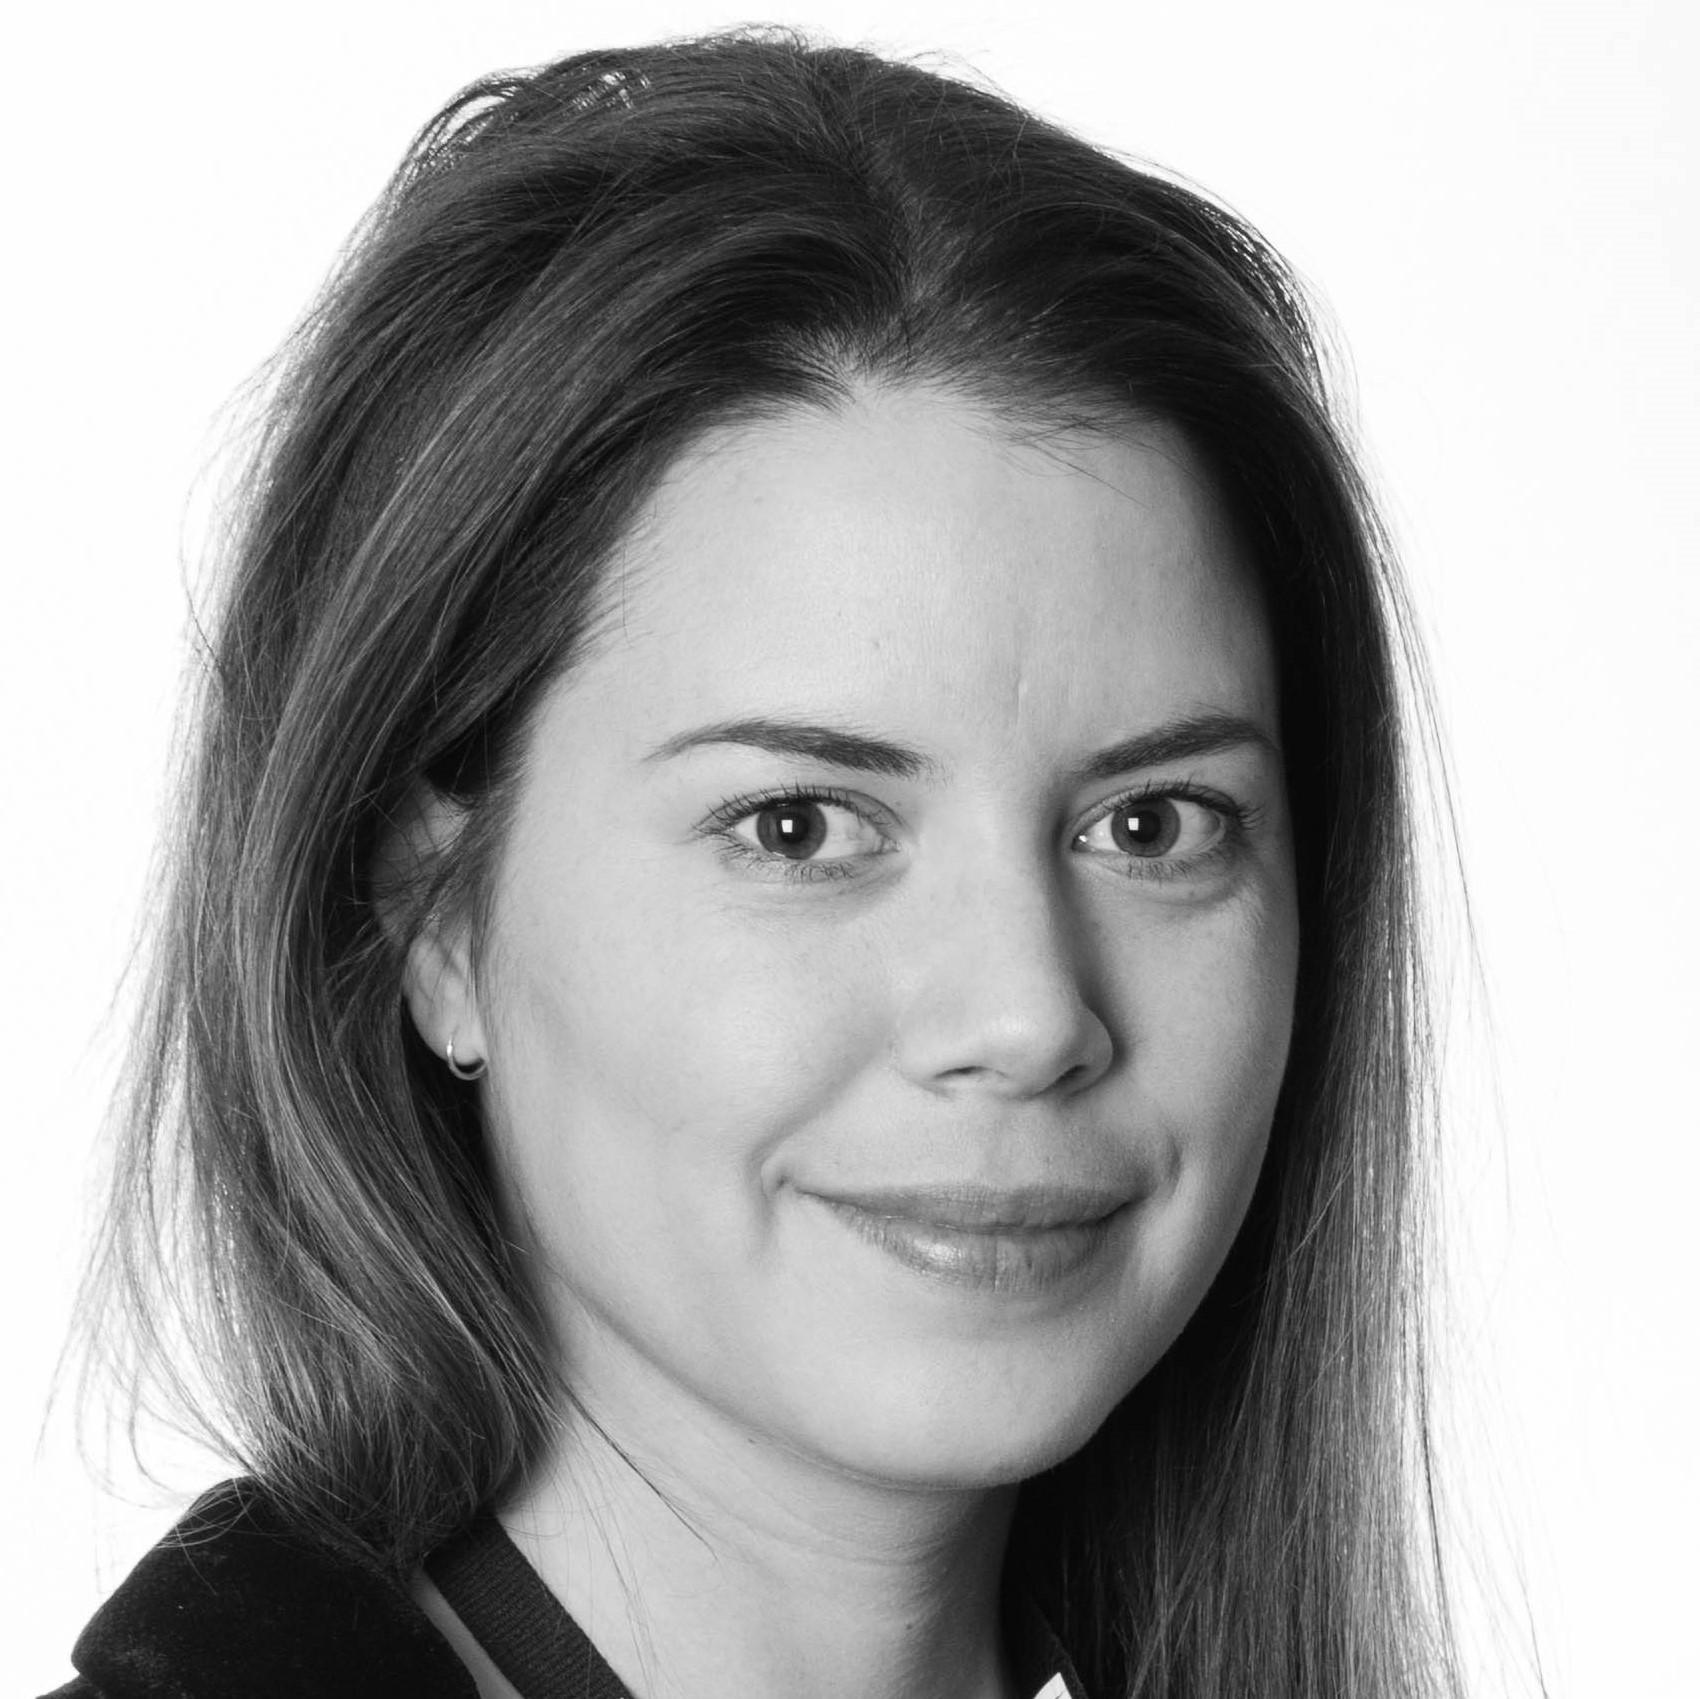 Jade Josefine Nordahl